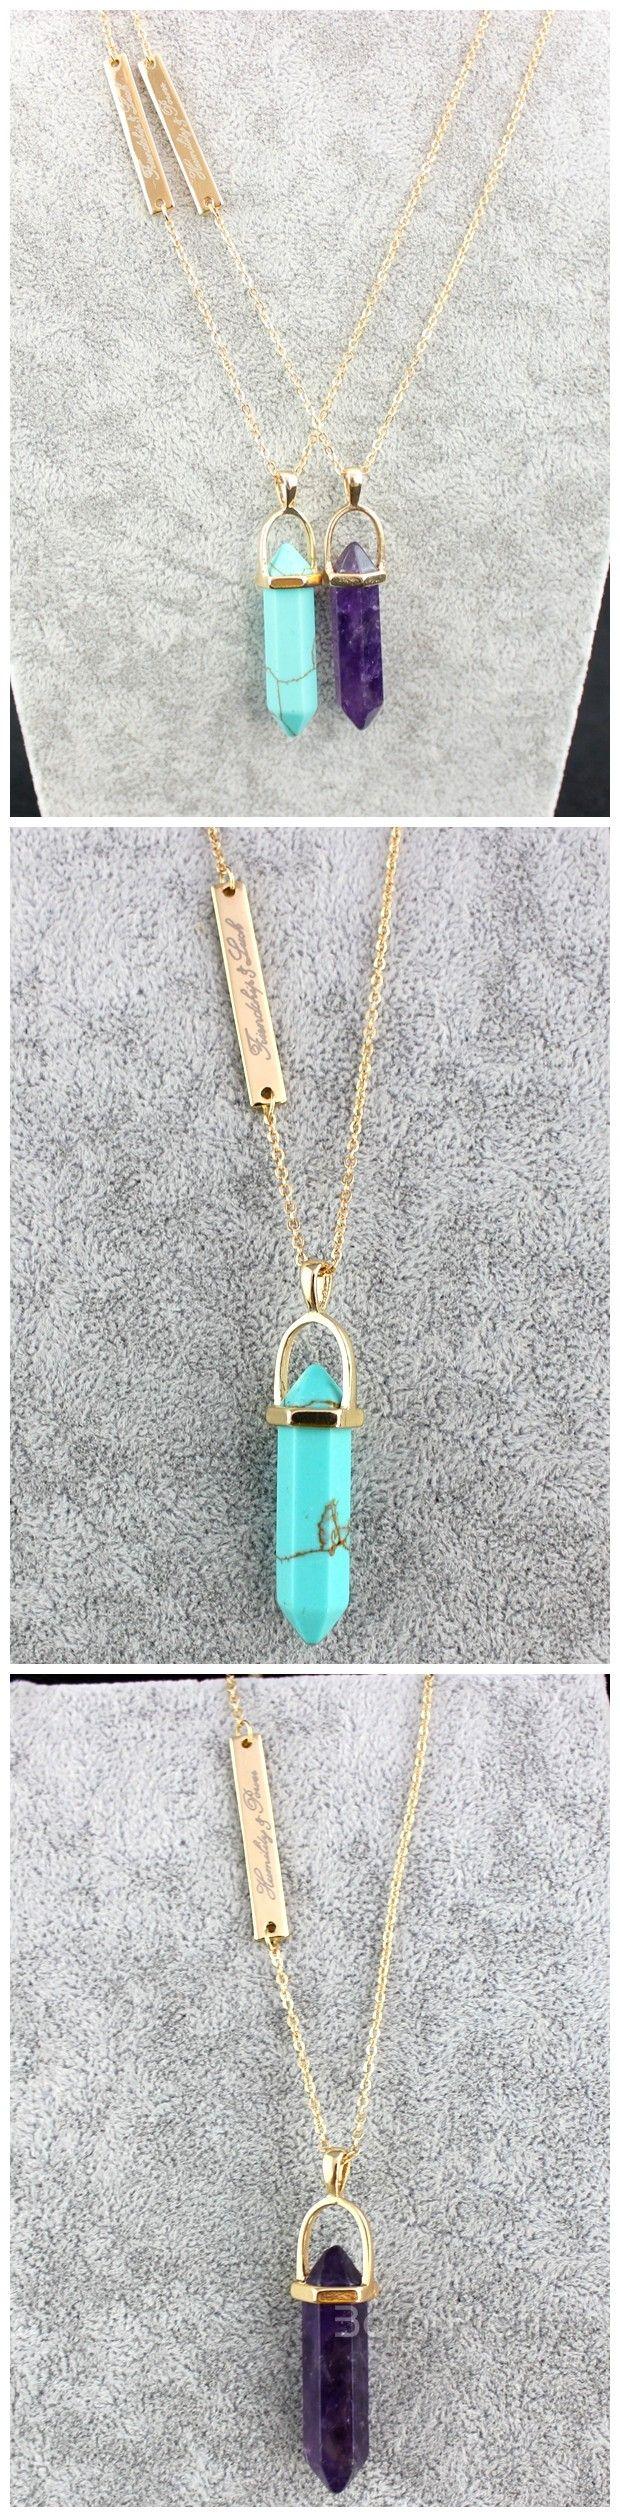 €5.99 Collier Pierre Losange Violet Bleu Pâle Avec Chaîne Bijoux Accessoires - NeeJolie.fr